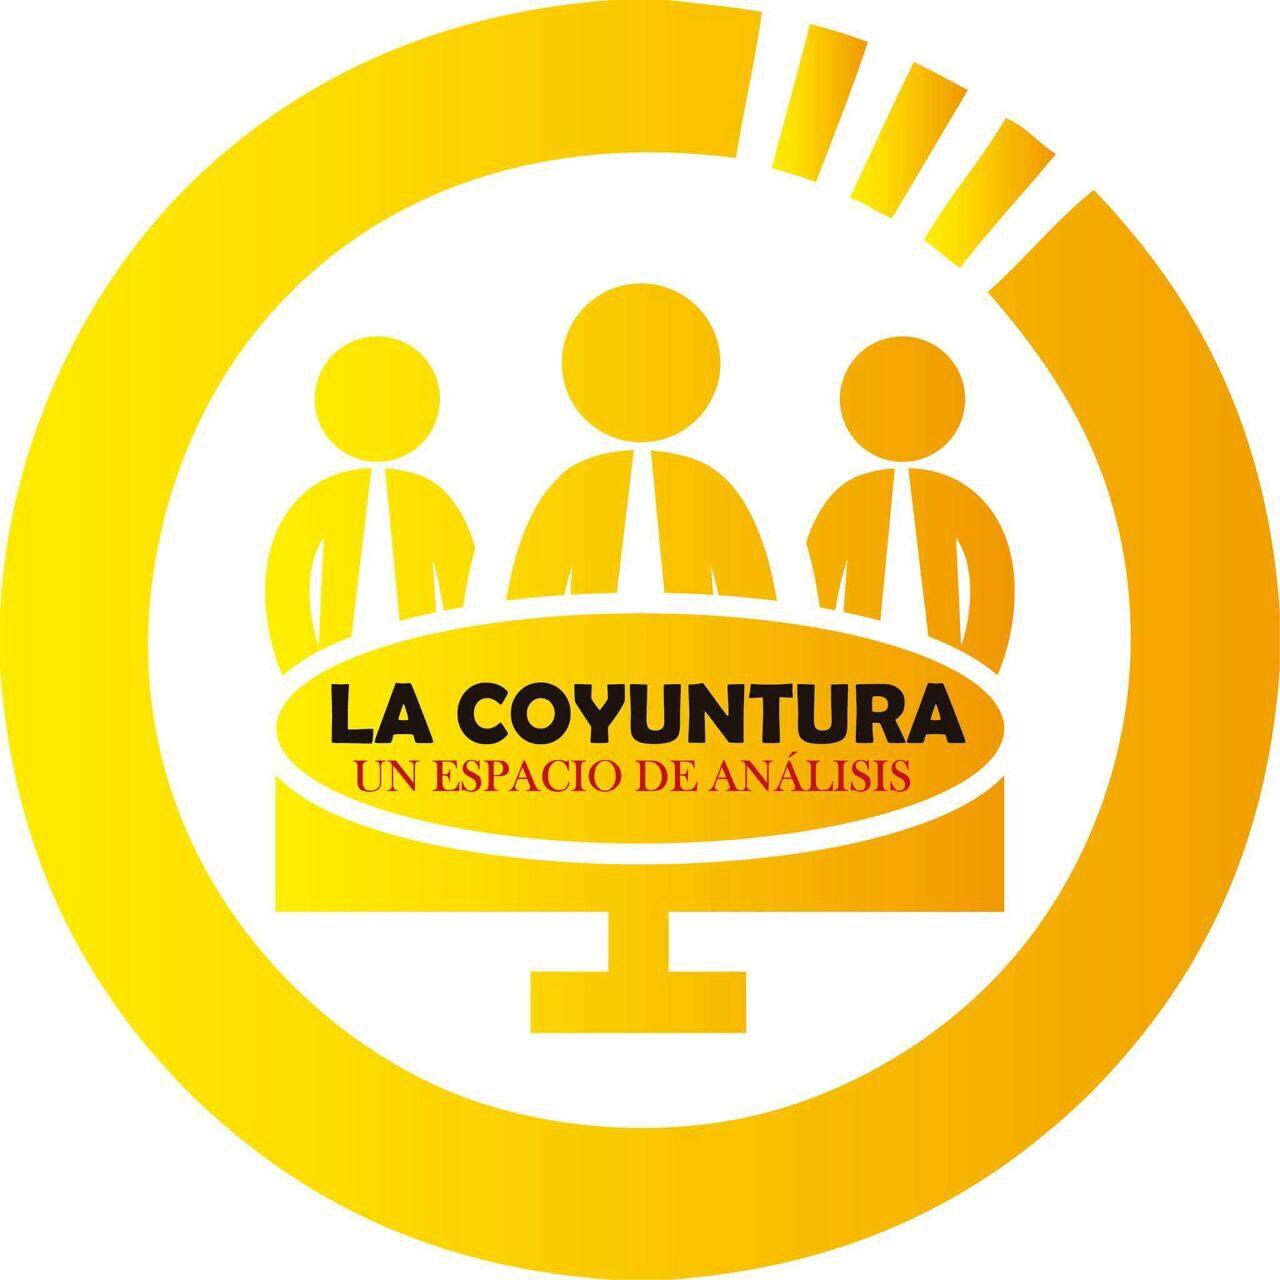 La Coyuntura - logo